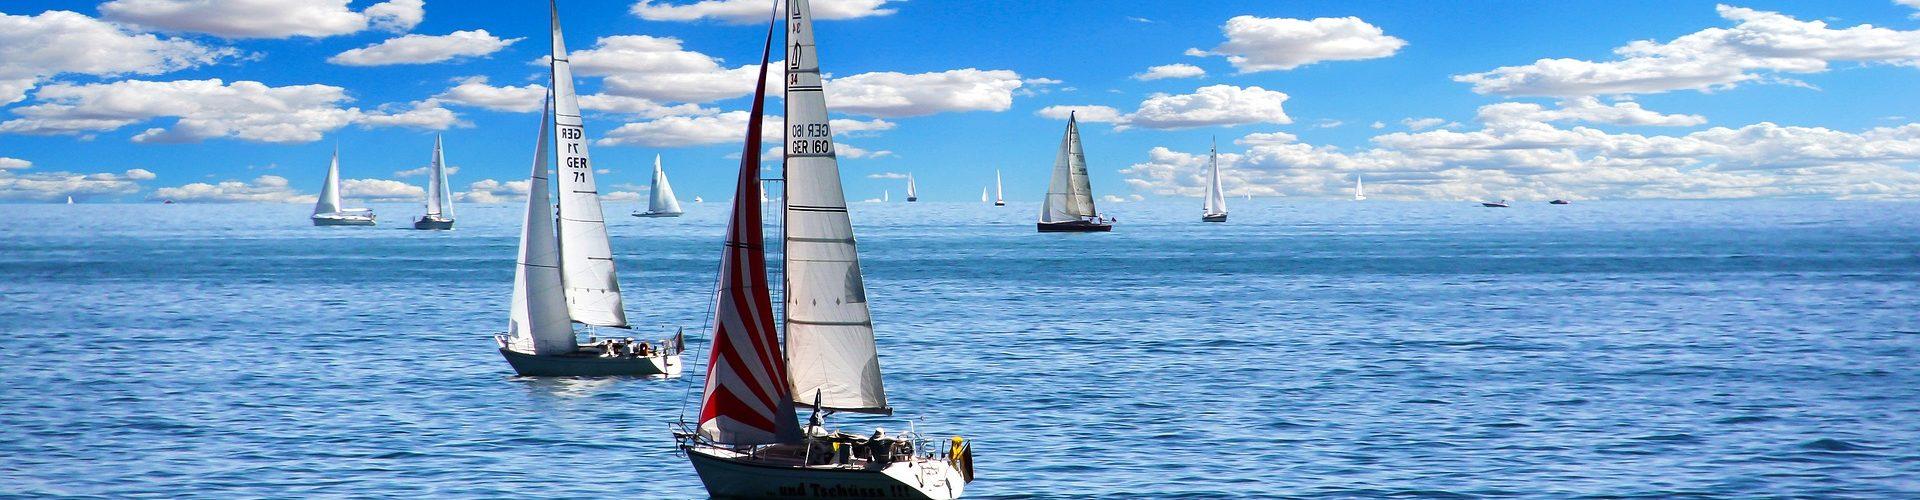 segeln lernen in Hilden segelschein machen in Hilden 1920x500 - Segeln lernen in Hilden